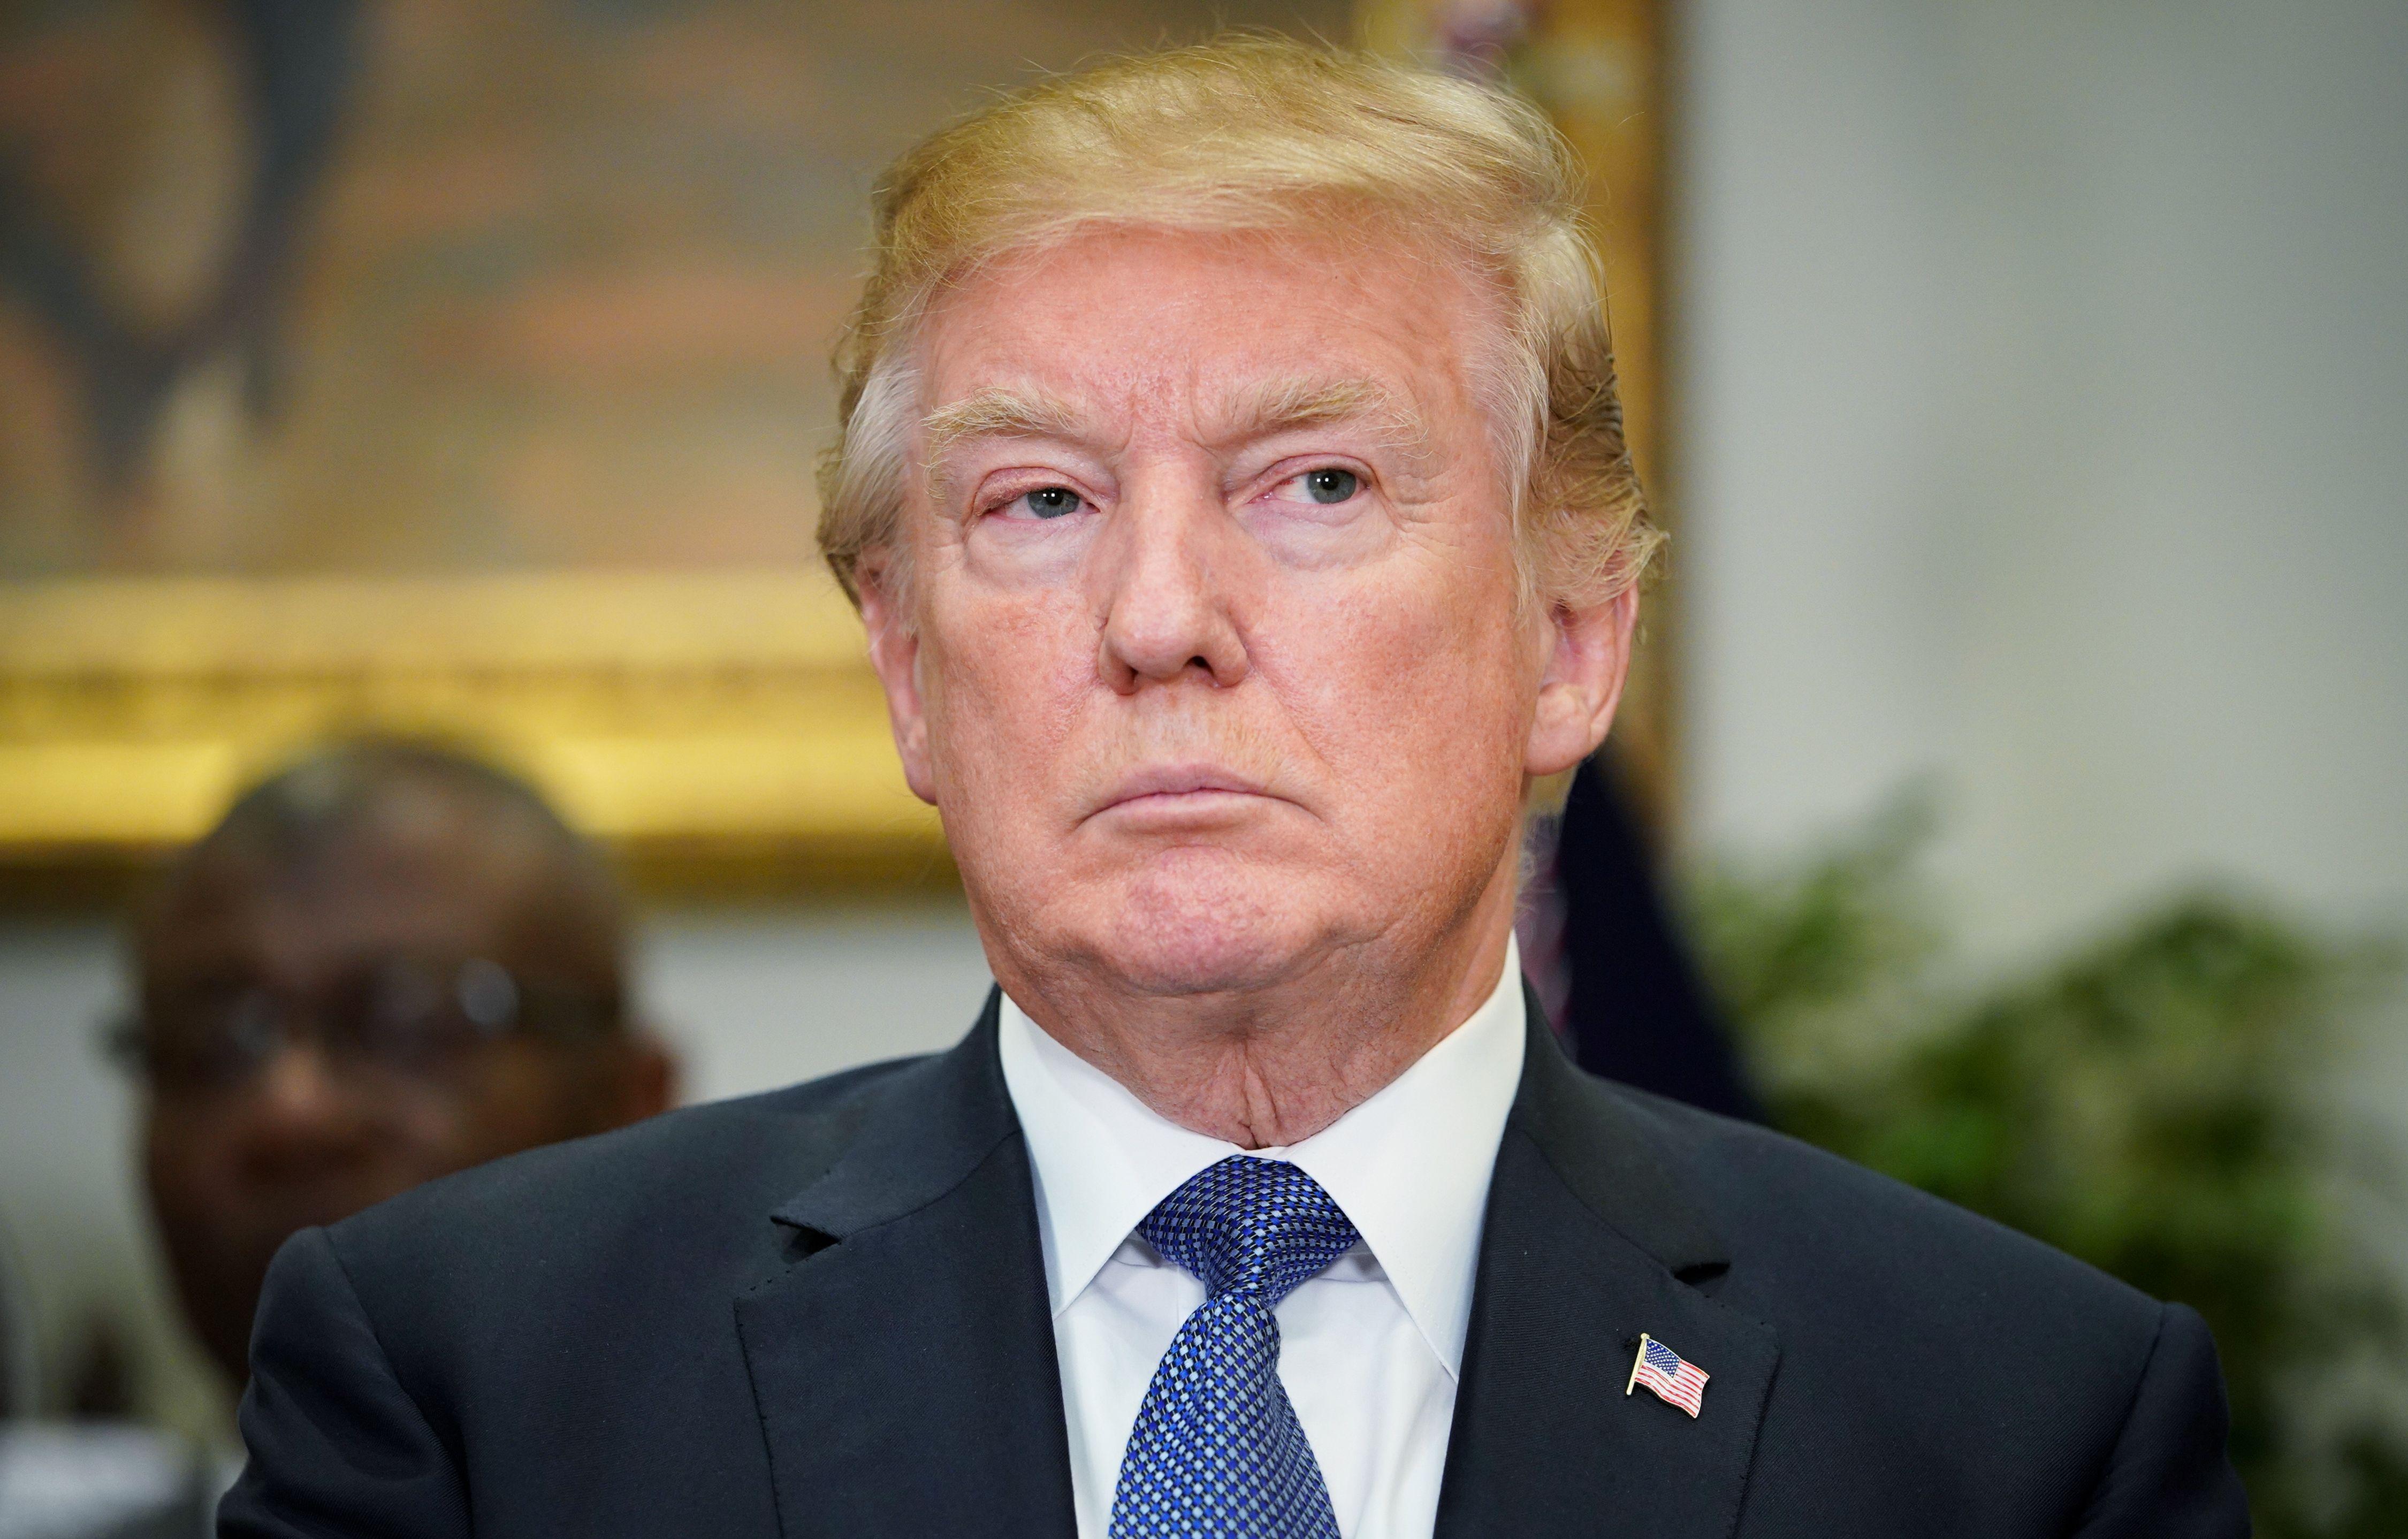 L avvocato di Trump ottiene un ordine restrittivo contro la pornostar  Stormy Daniels bba9618a9200